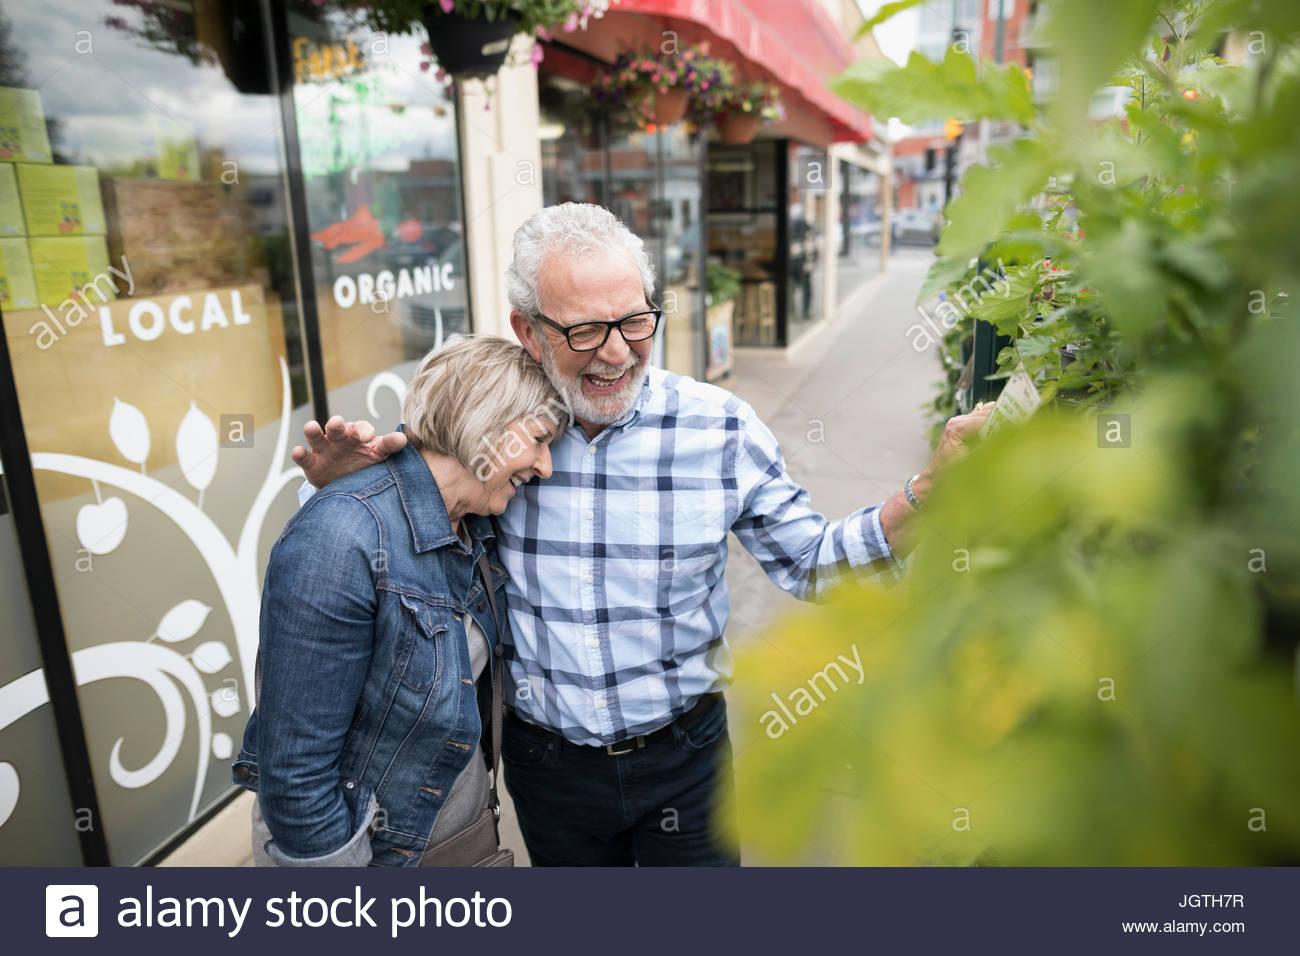 Riendo, afectuosa pareja senior para compras de plantas en el escaparate urbano acera Imagen De Stock